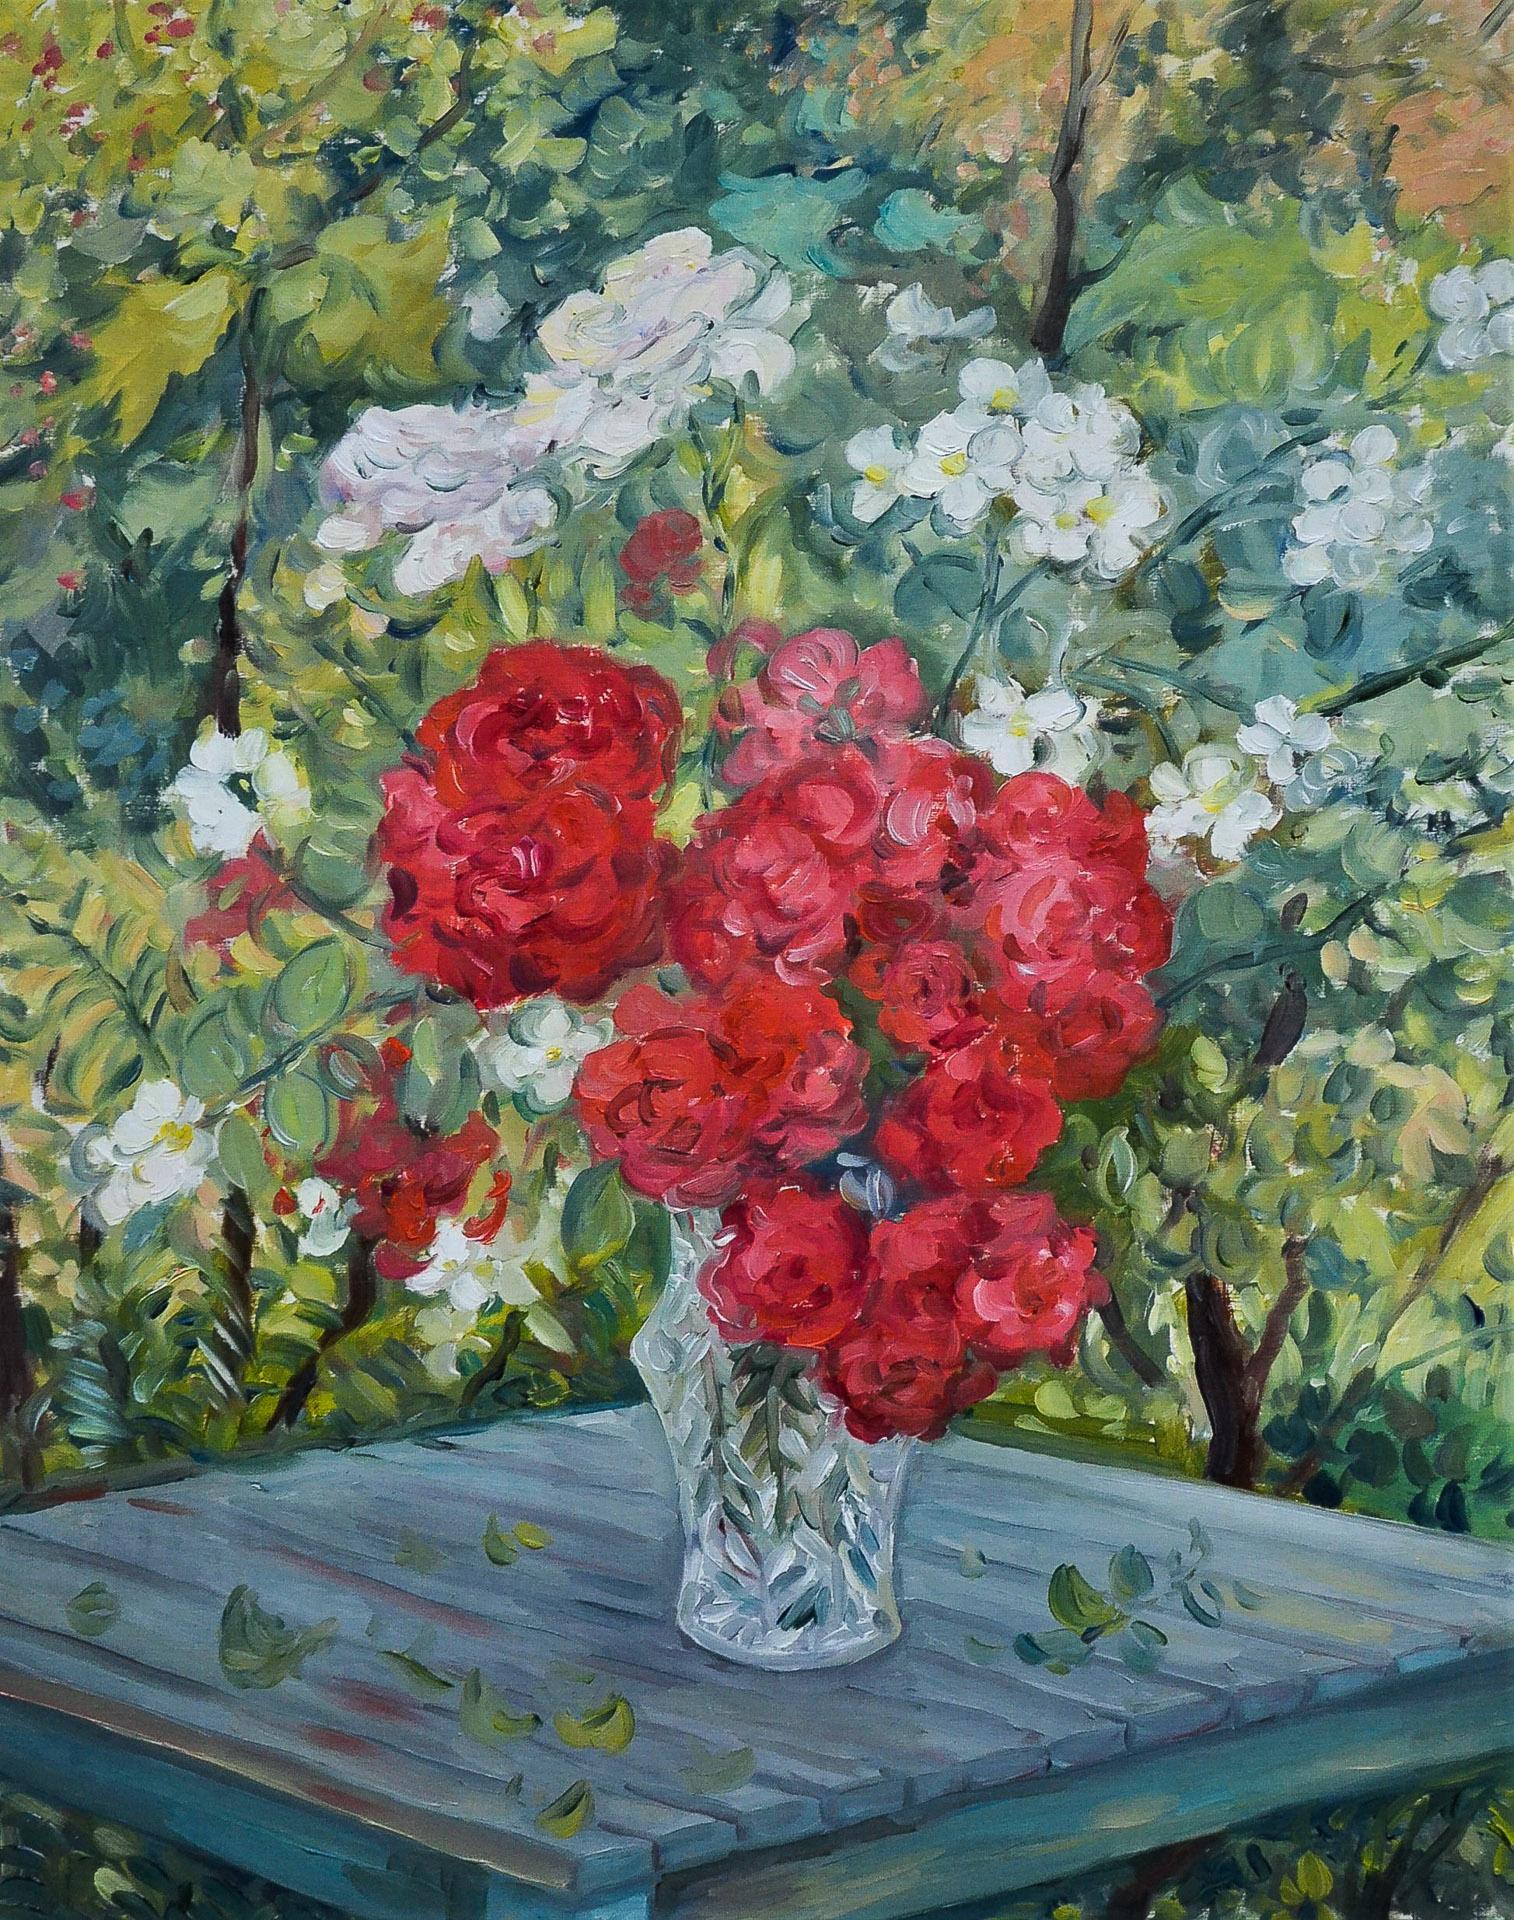 Anna Gestrich – Malerei | Stillleben mit Rosen im Garten